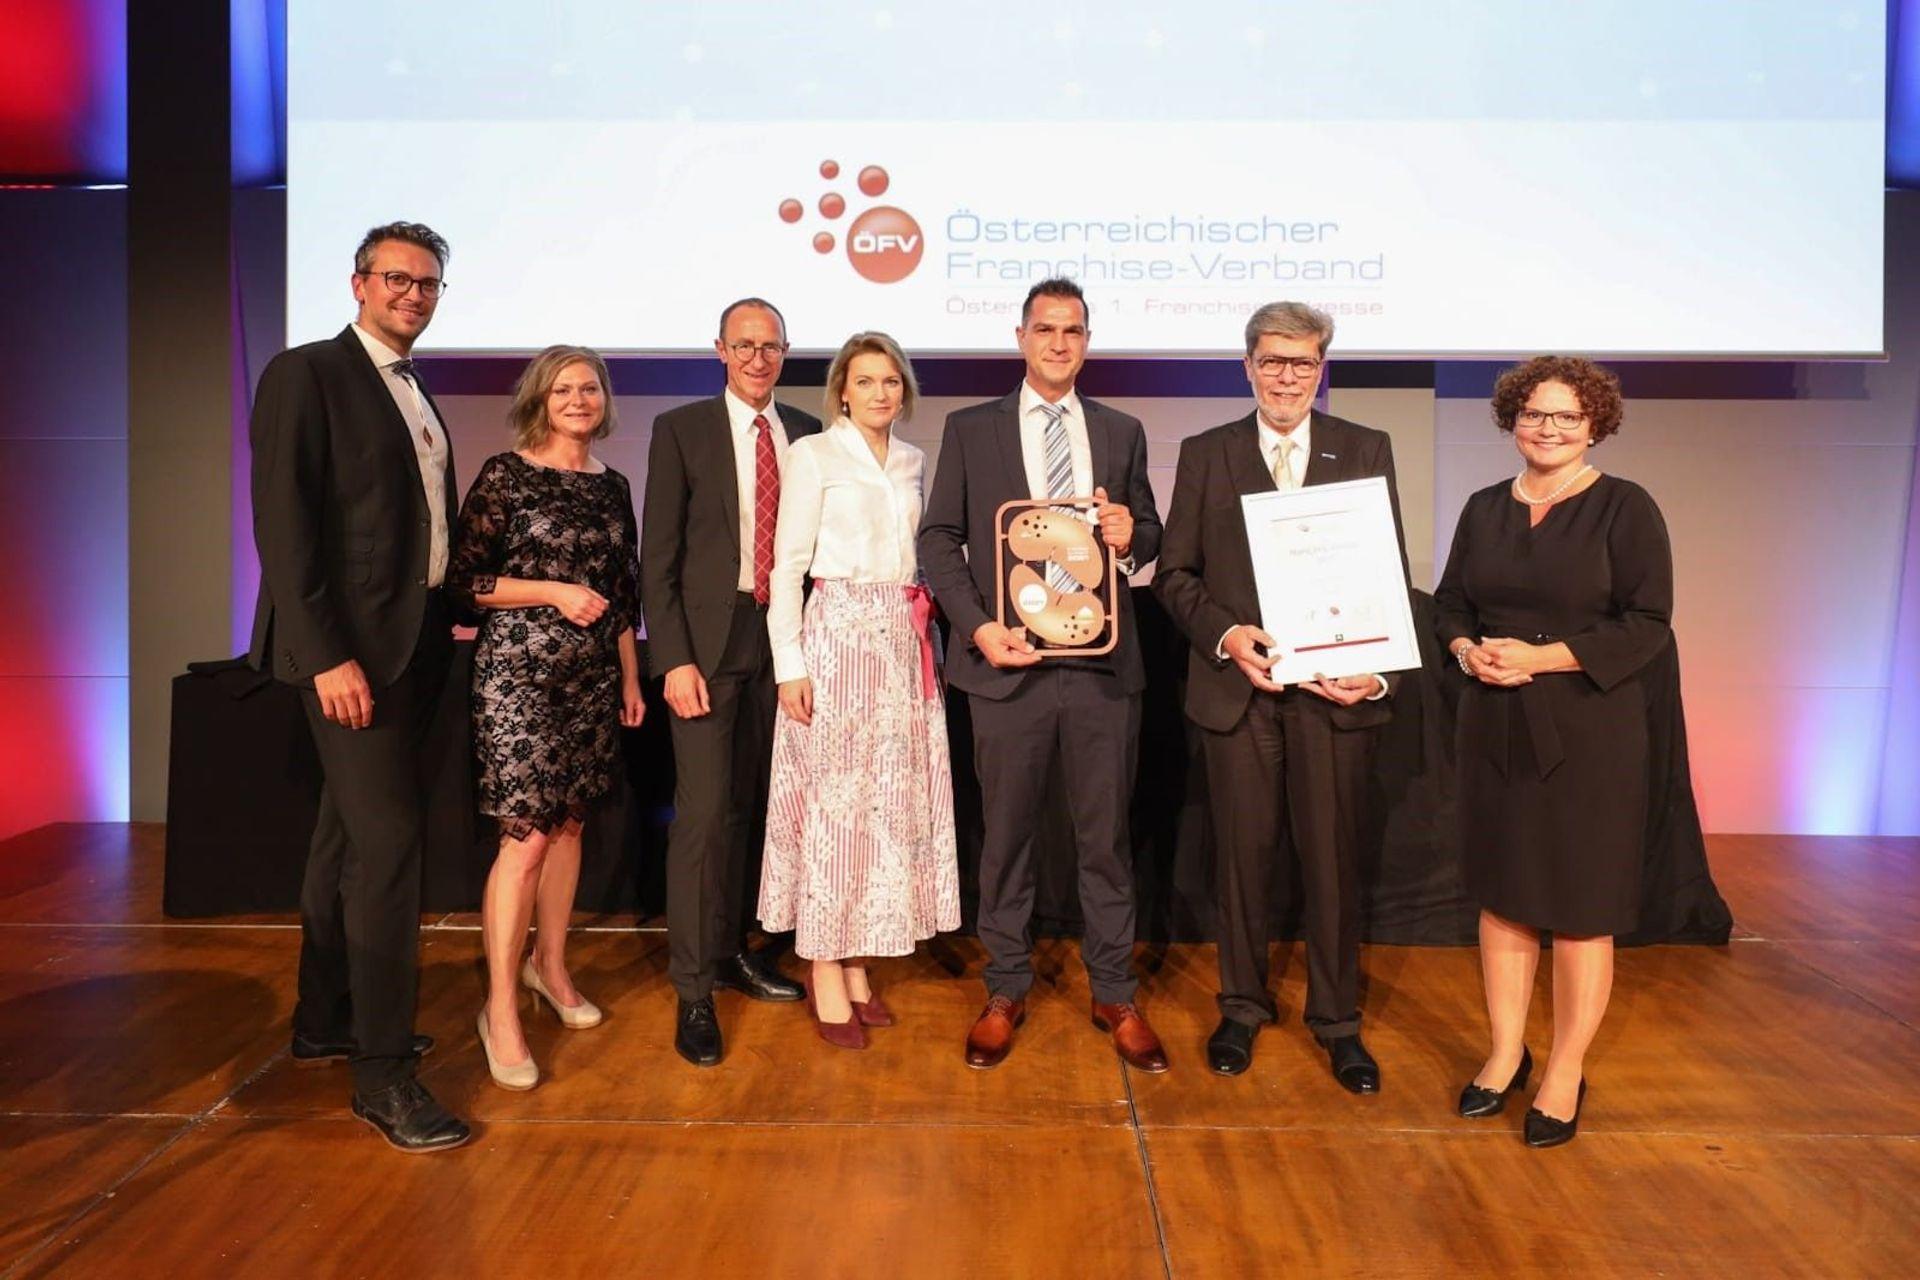 Österreichische Franchise-Awards 2021: ÖFV zeichnet Unimarkt als Franchise-System des Jahres aus